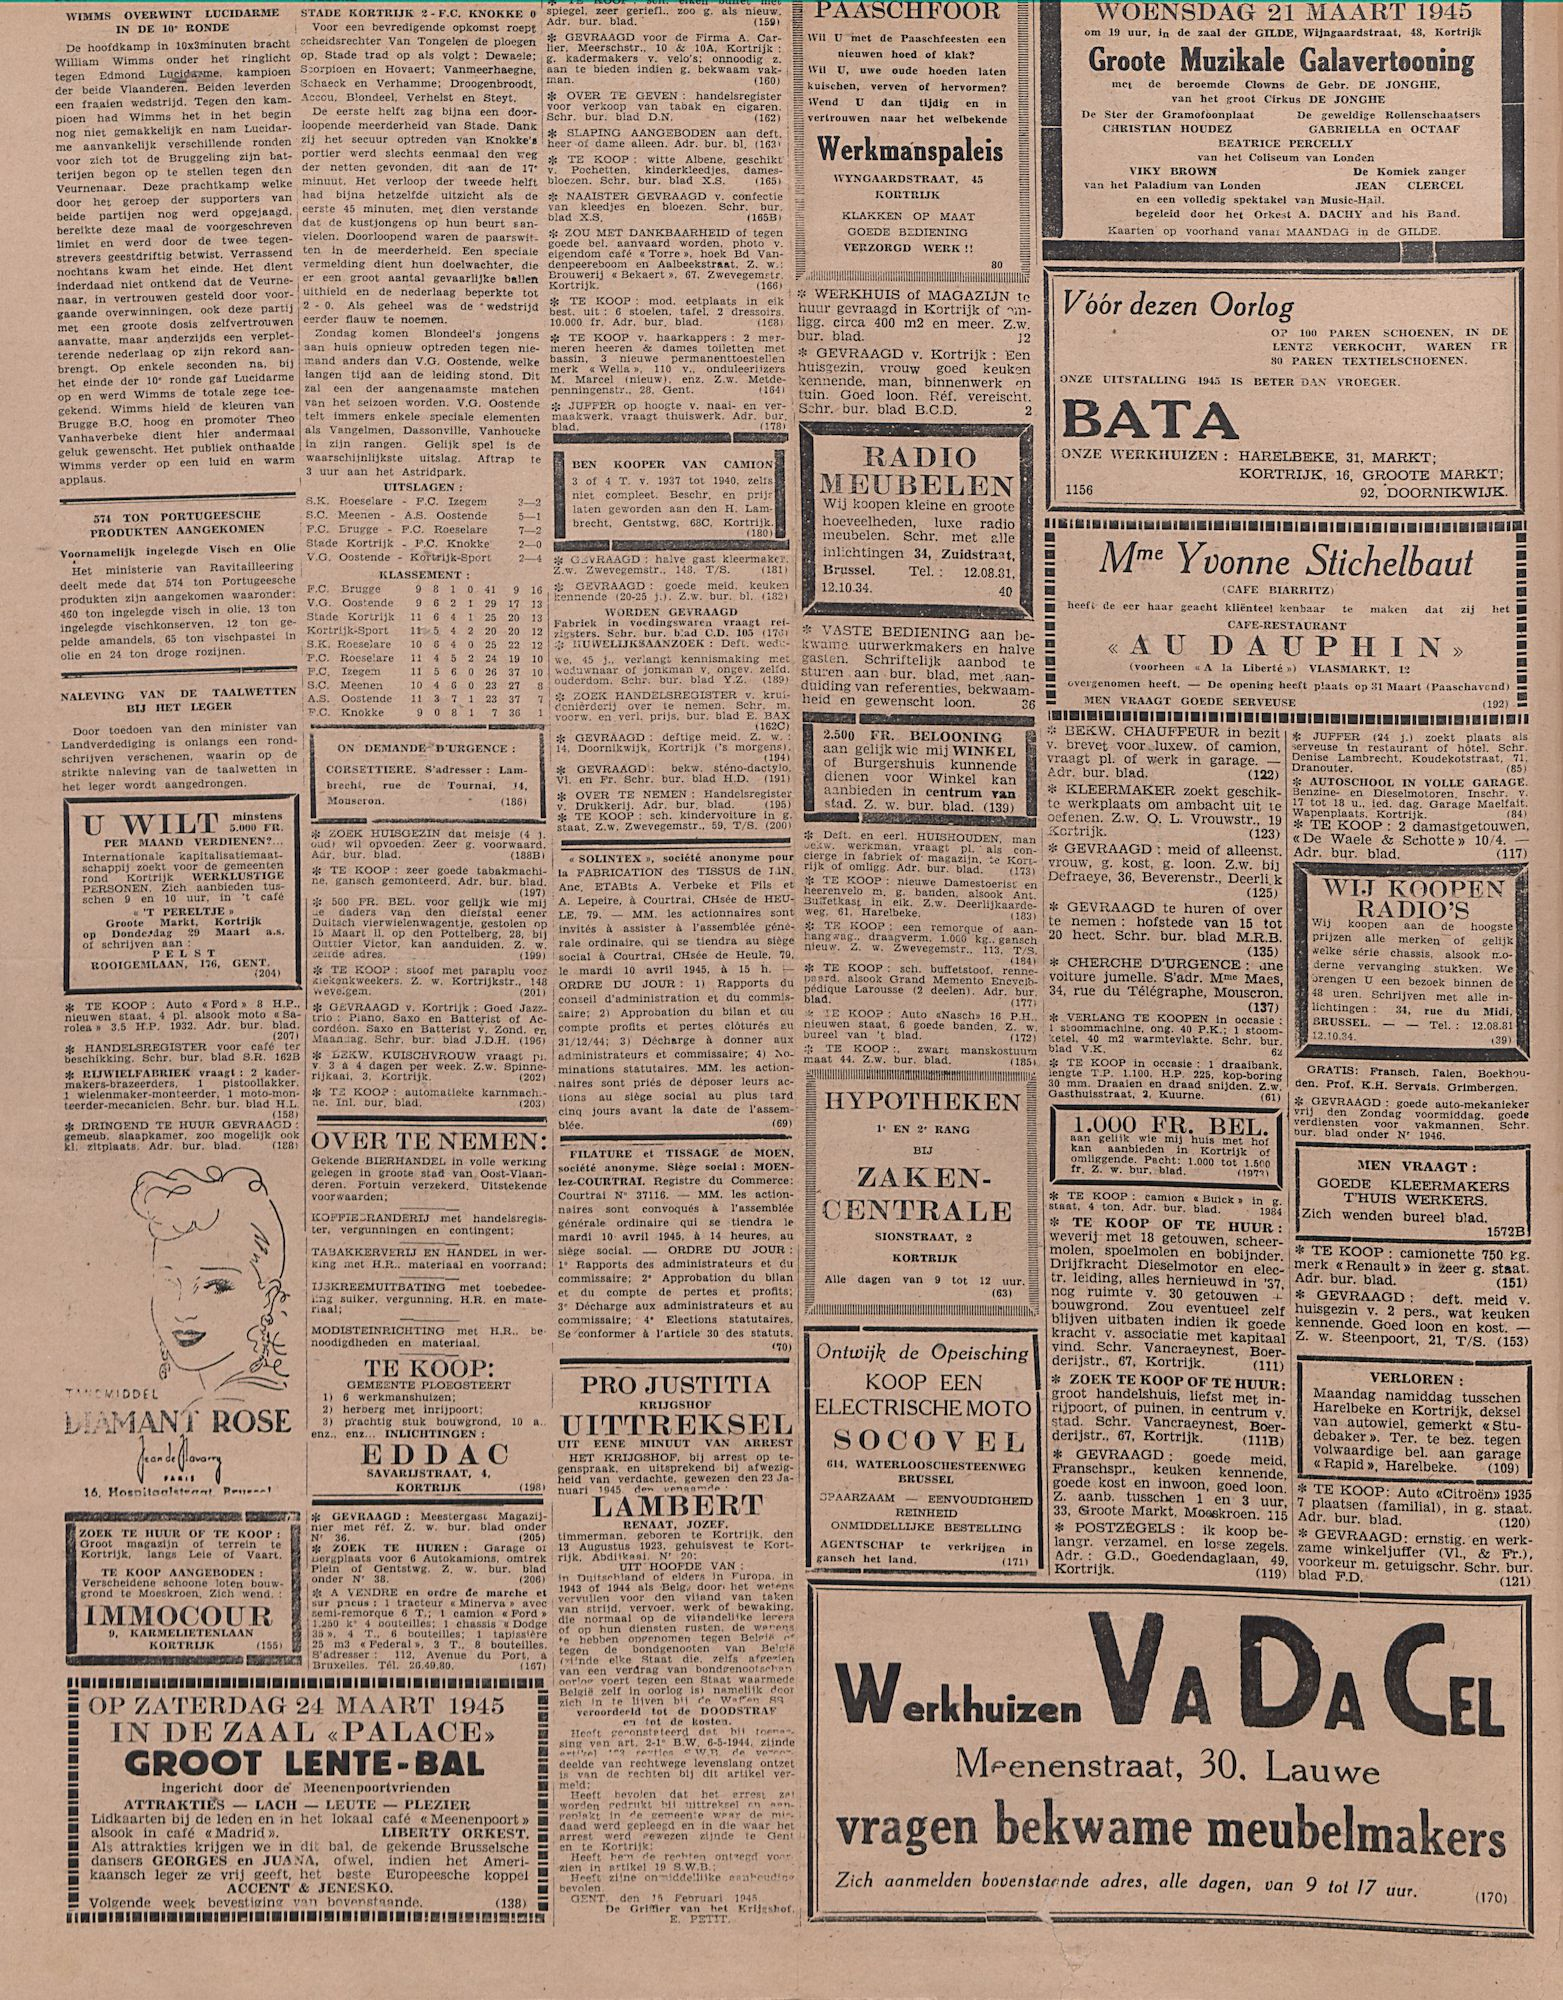 Kortrijksch Handelsblad 21 maart 1945 Nr23 p2